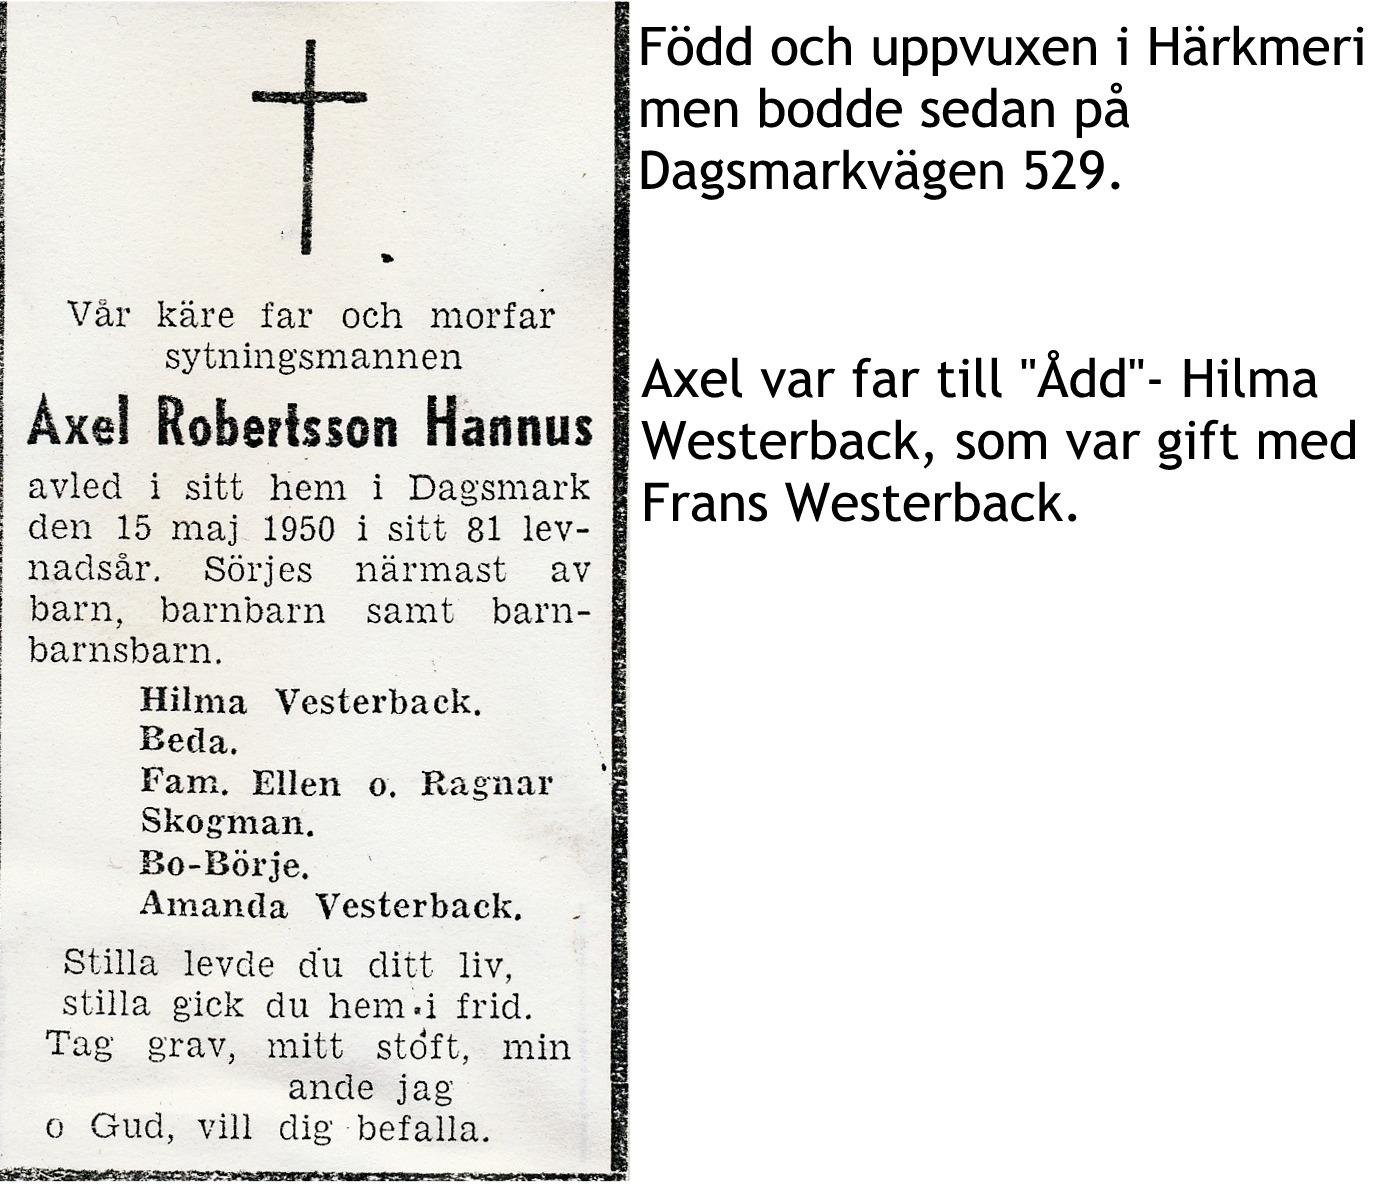 Hannus Axel